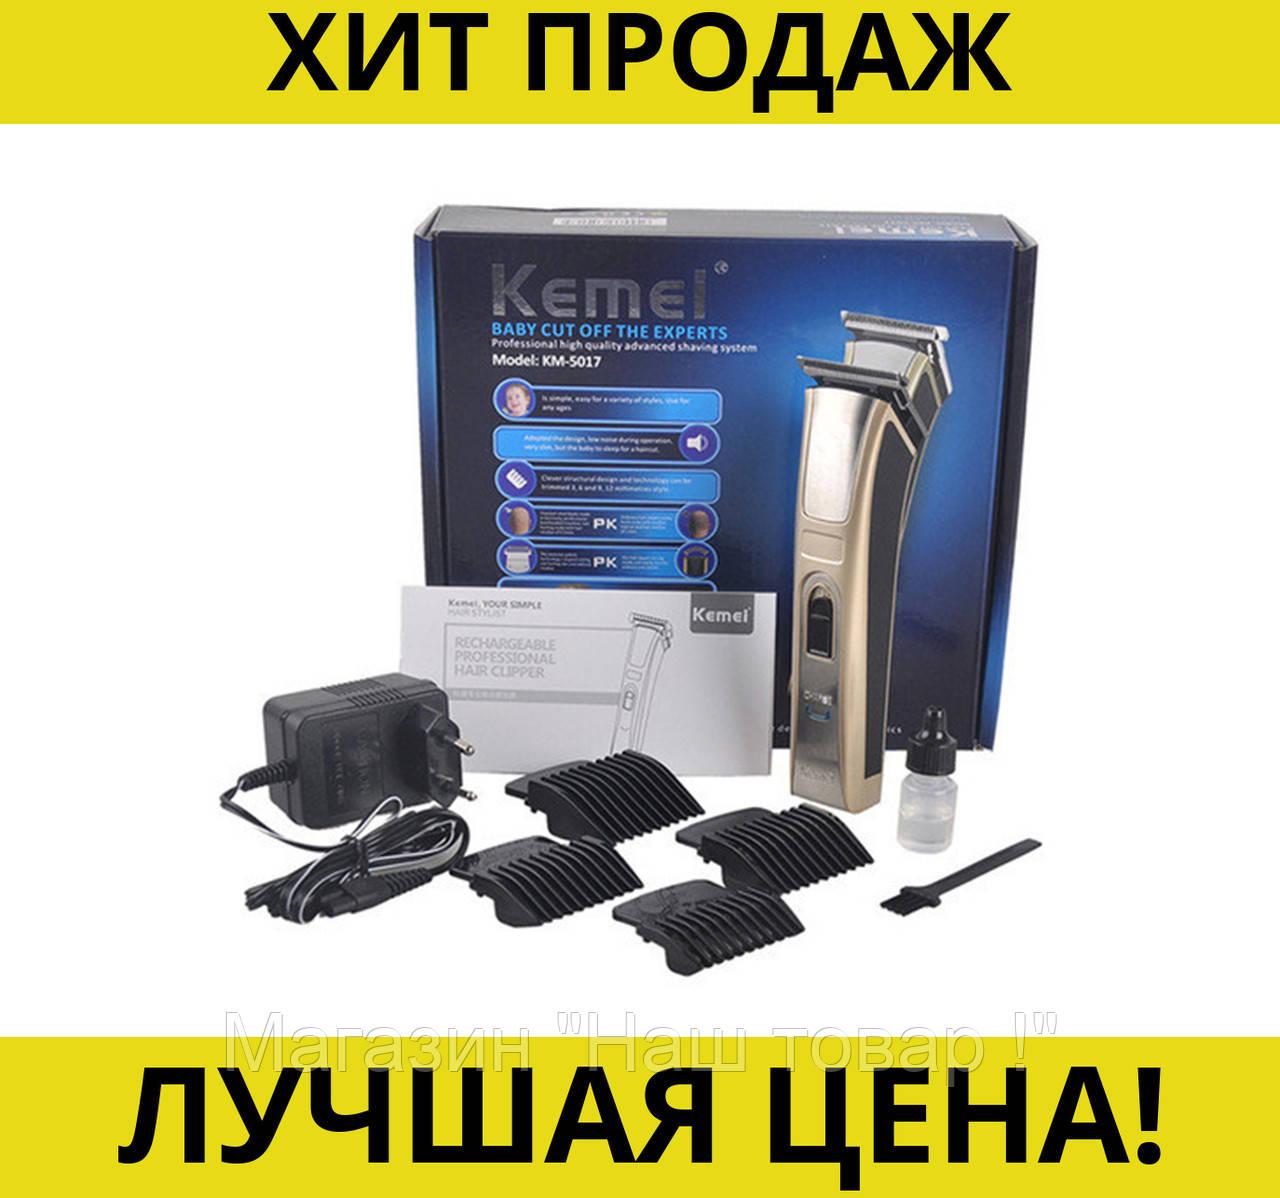 Sale! Машинка для стрижки Kemei KM 5017- Новинка